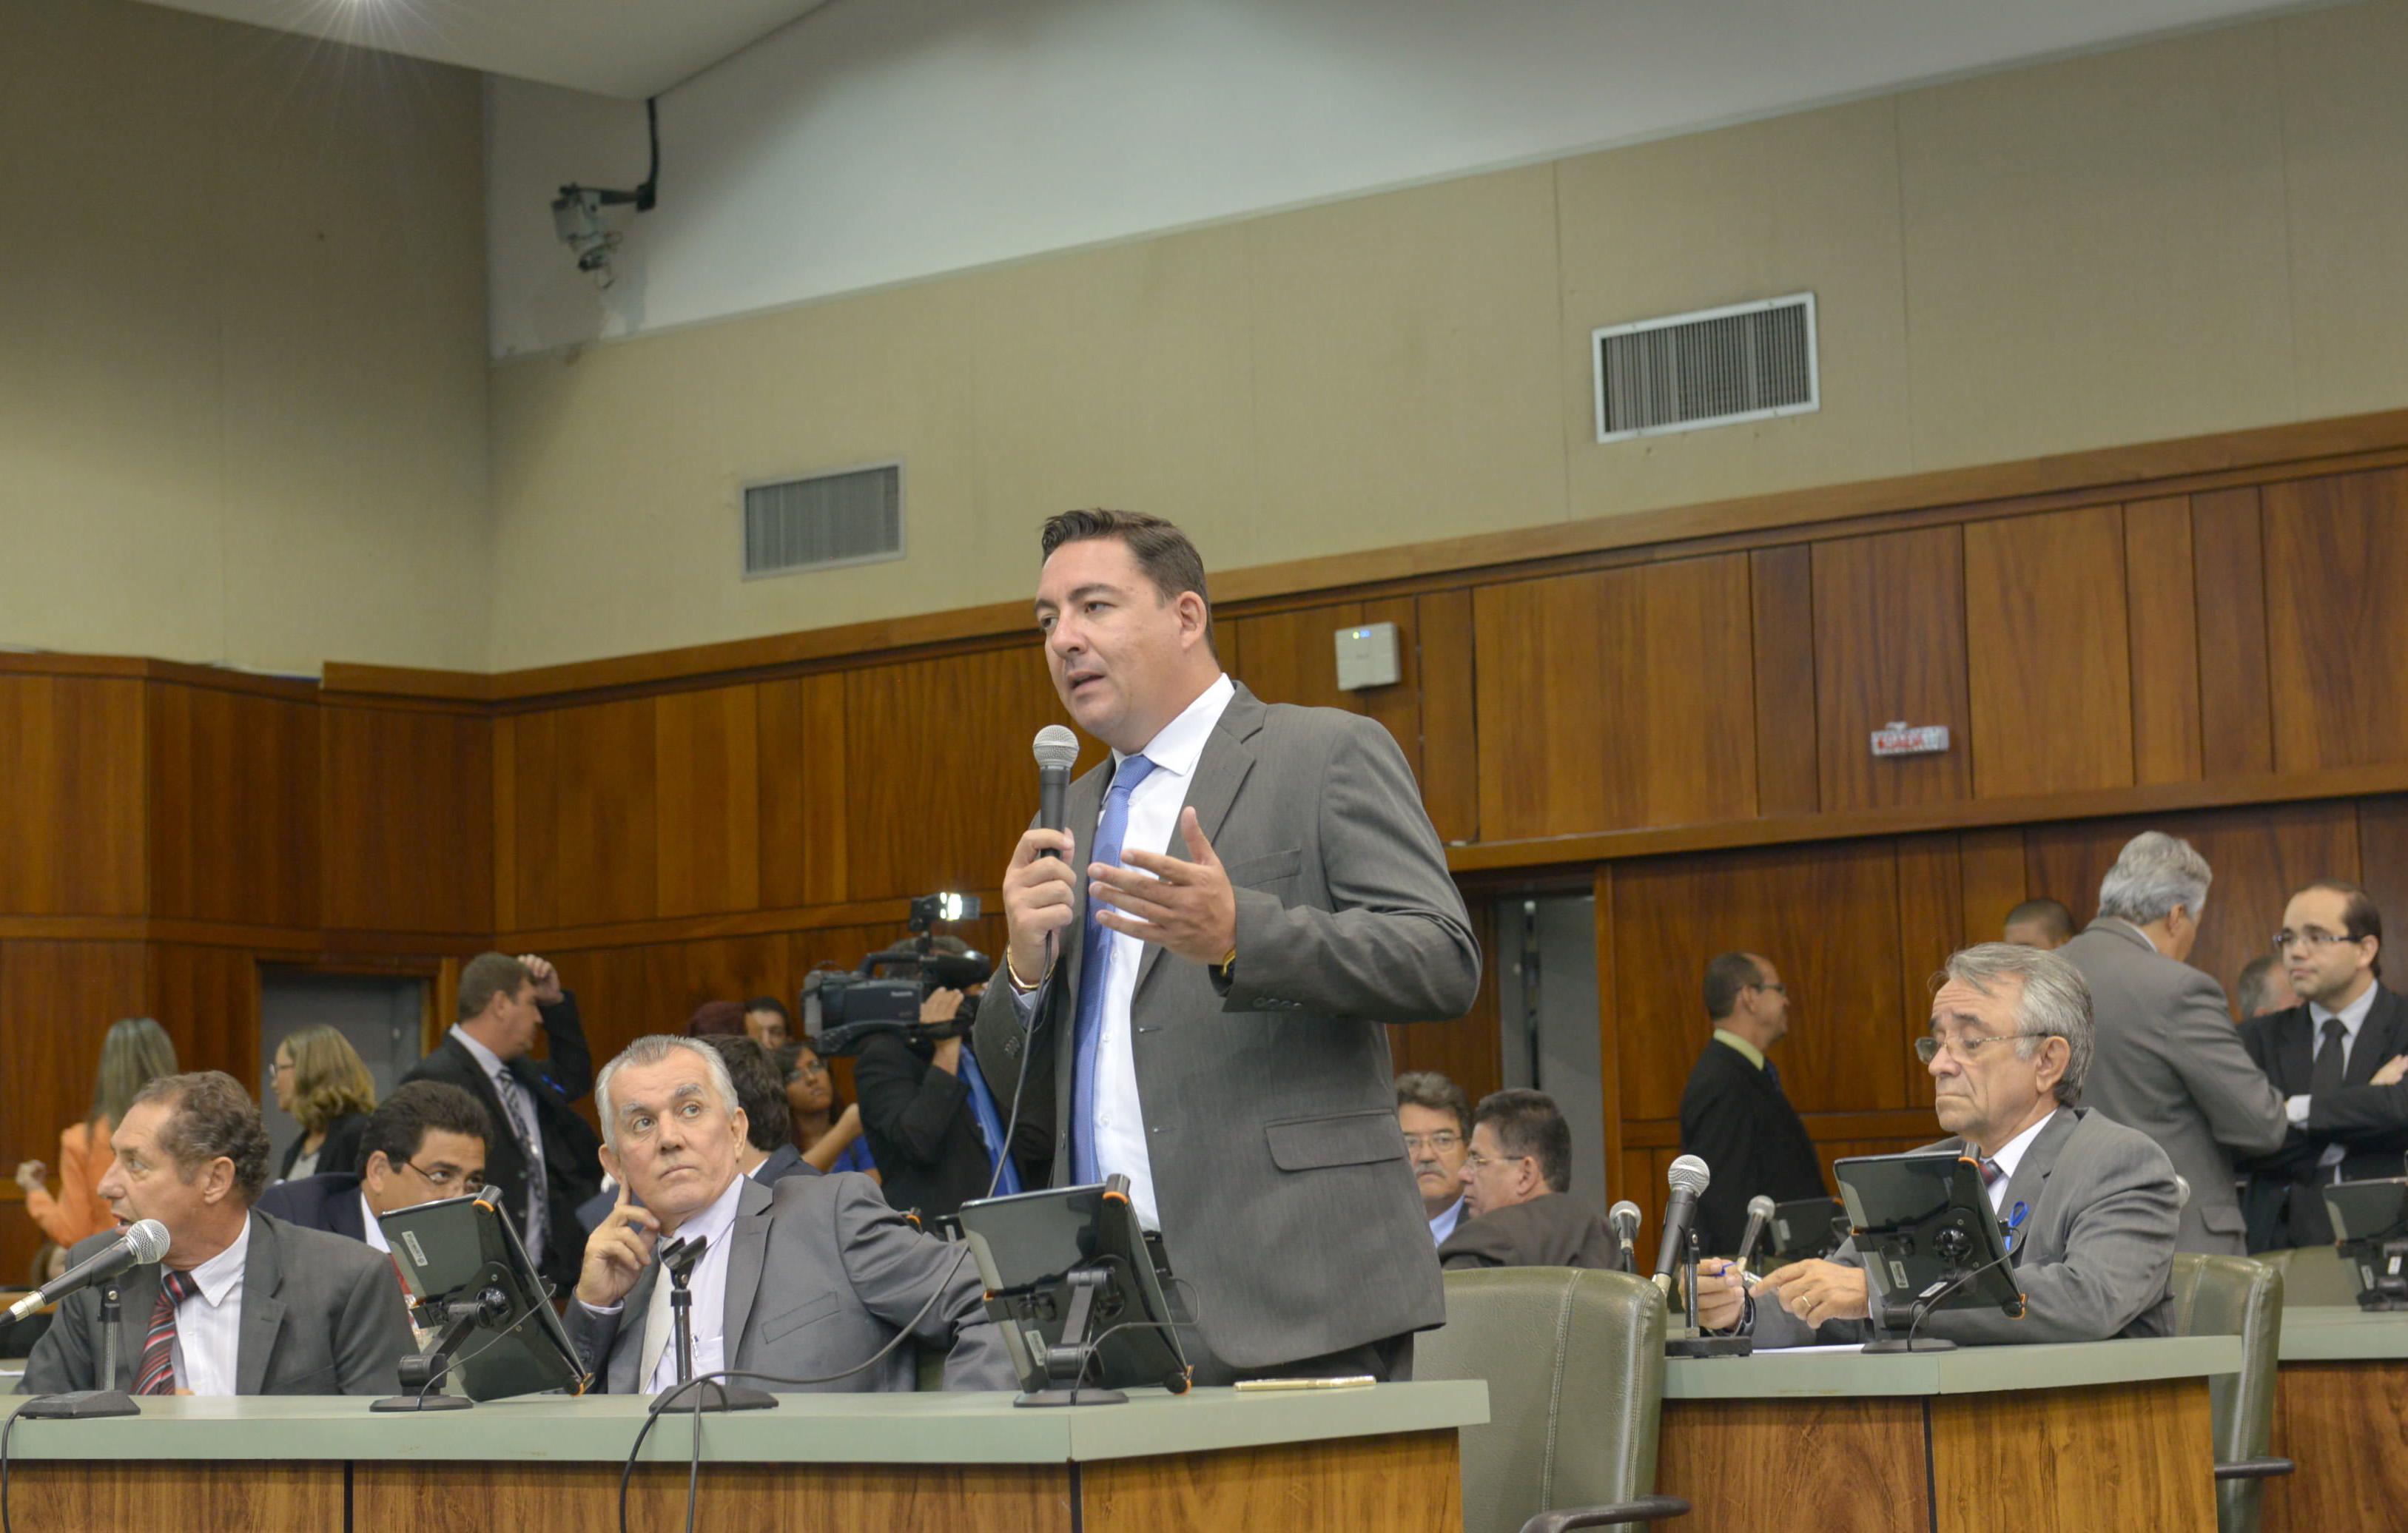 Deputado José Vitti questiona possíveis problemas relativos à reforma administrativa do governo